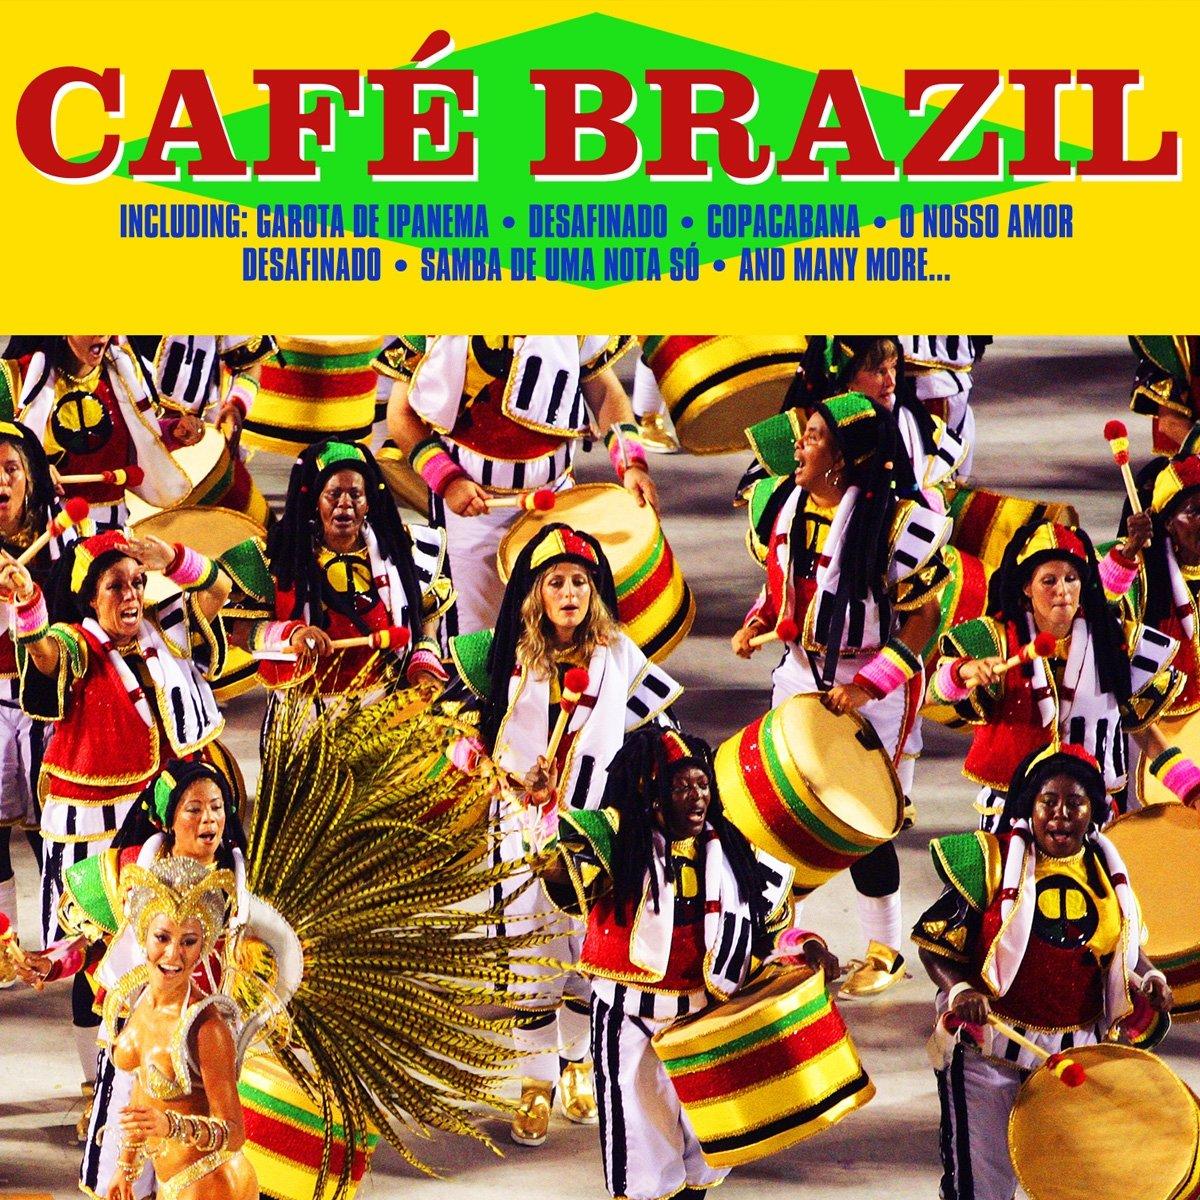 VARIOUS - Cafe Brazil | CD kopen